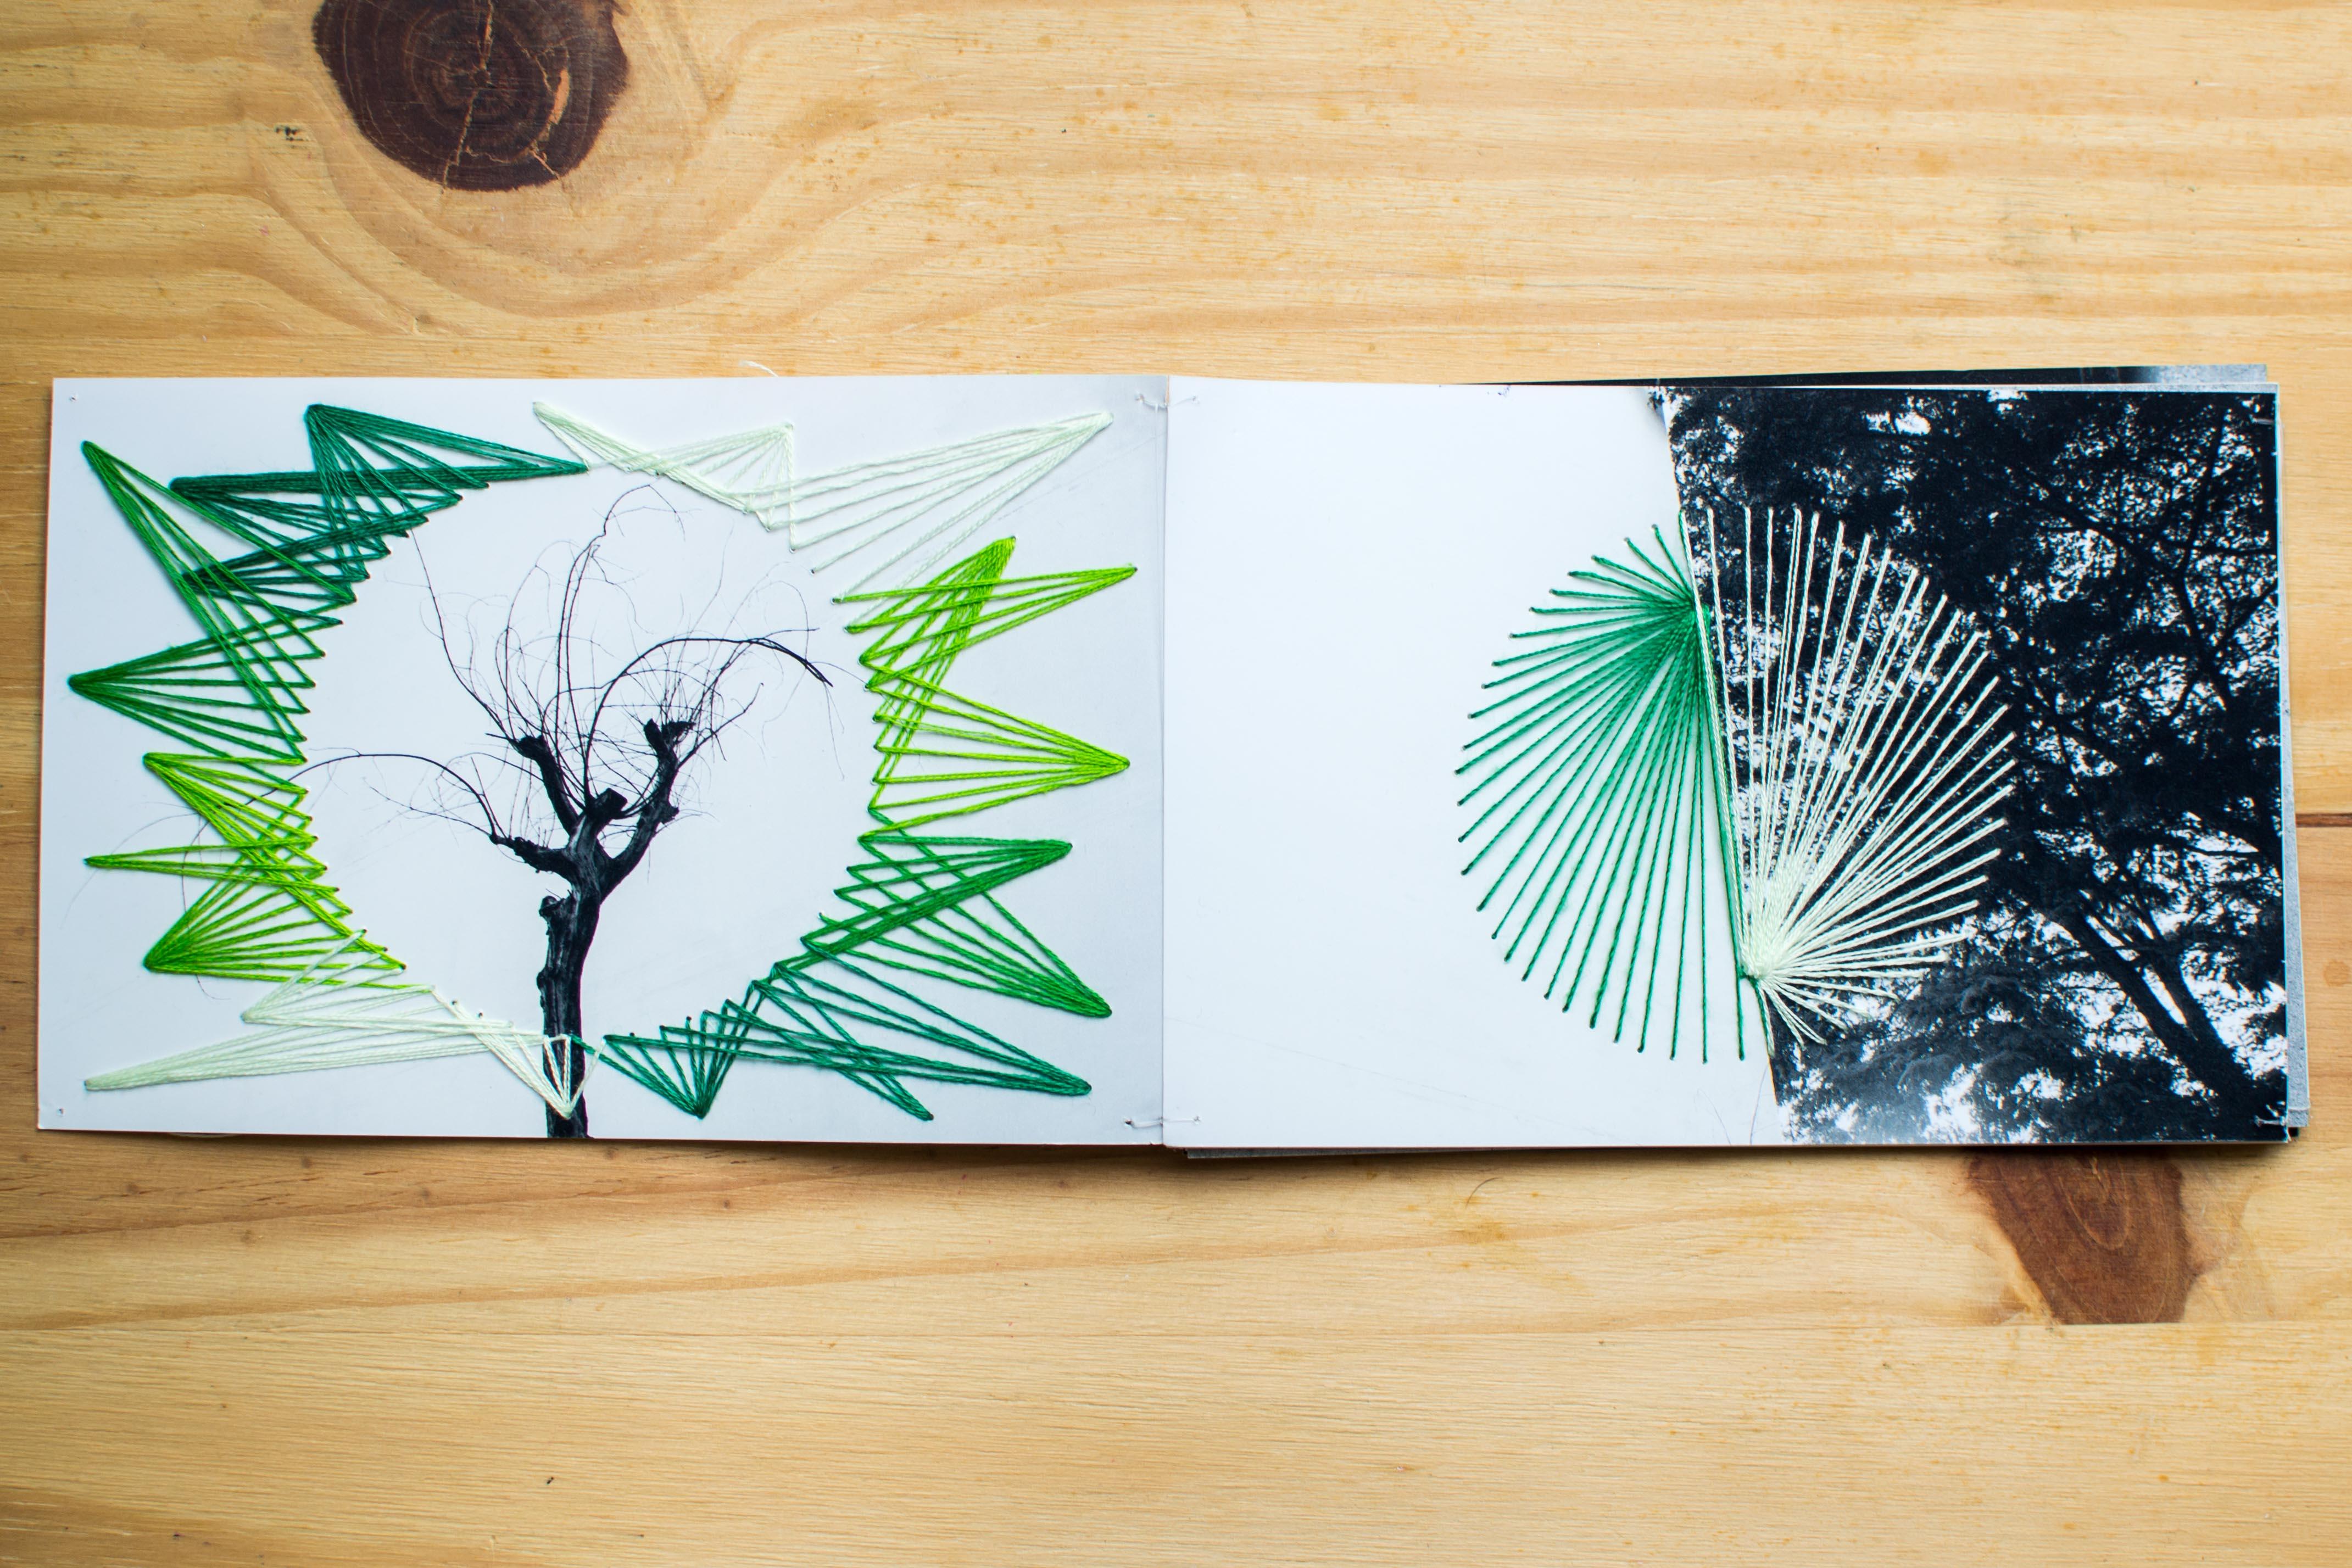 Páginas 7 e 8